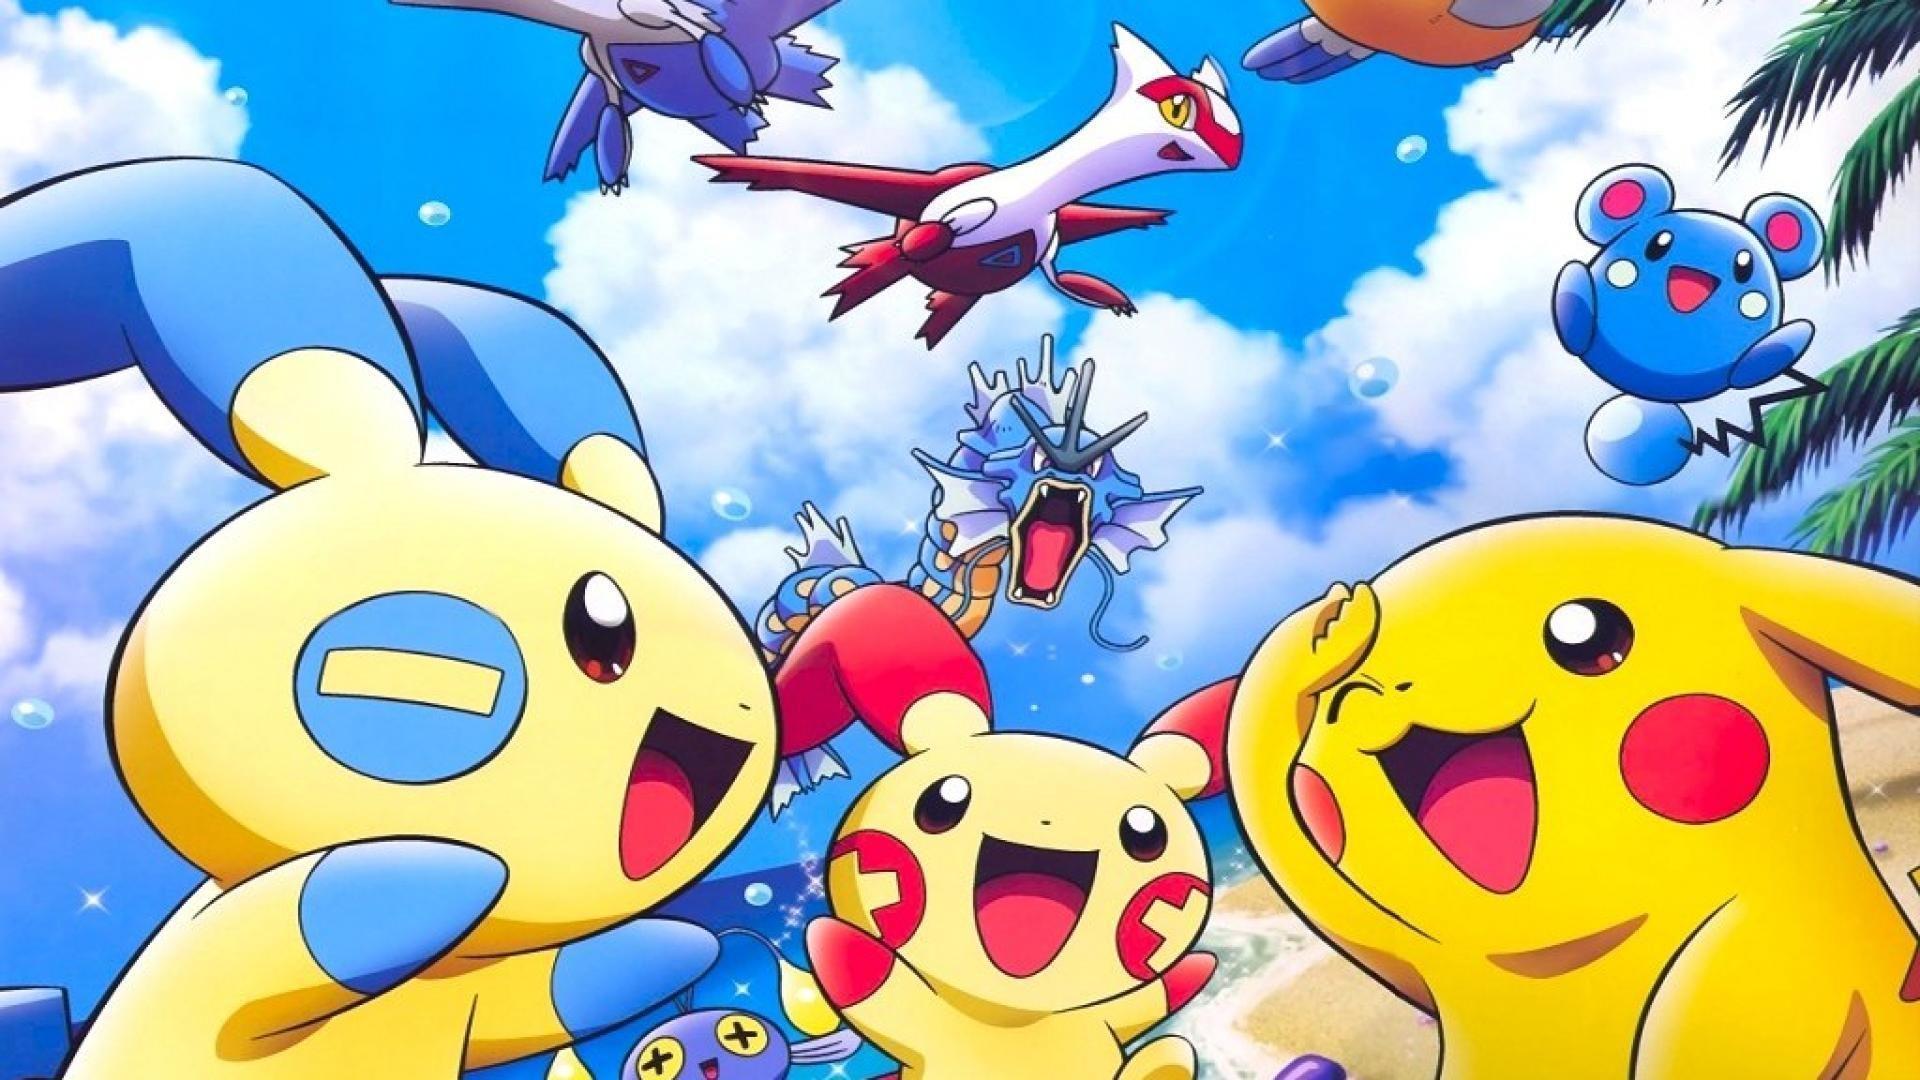 Cute Legendary Pokemon Wallpapers - Top